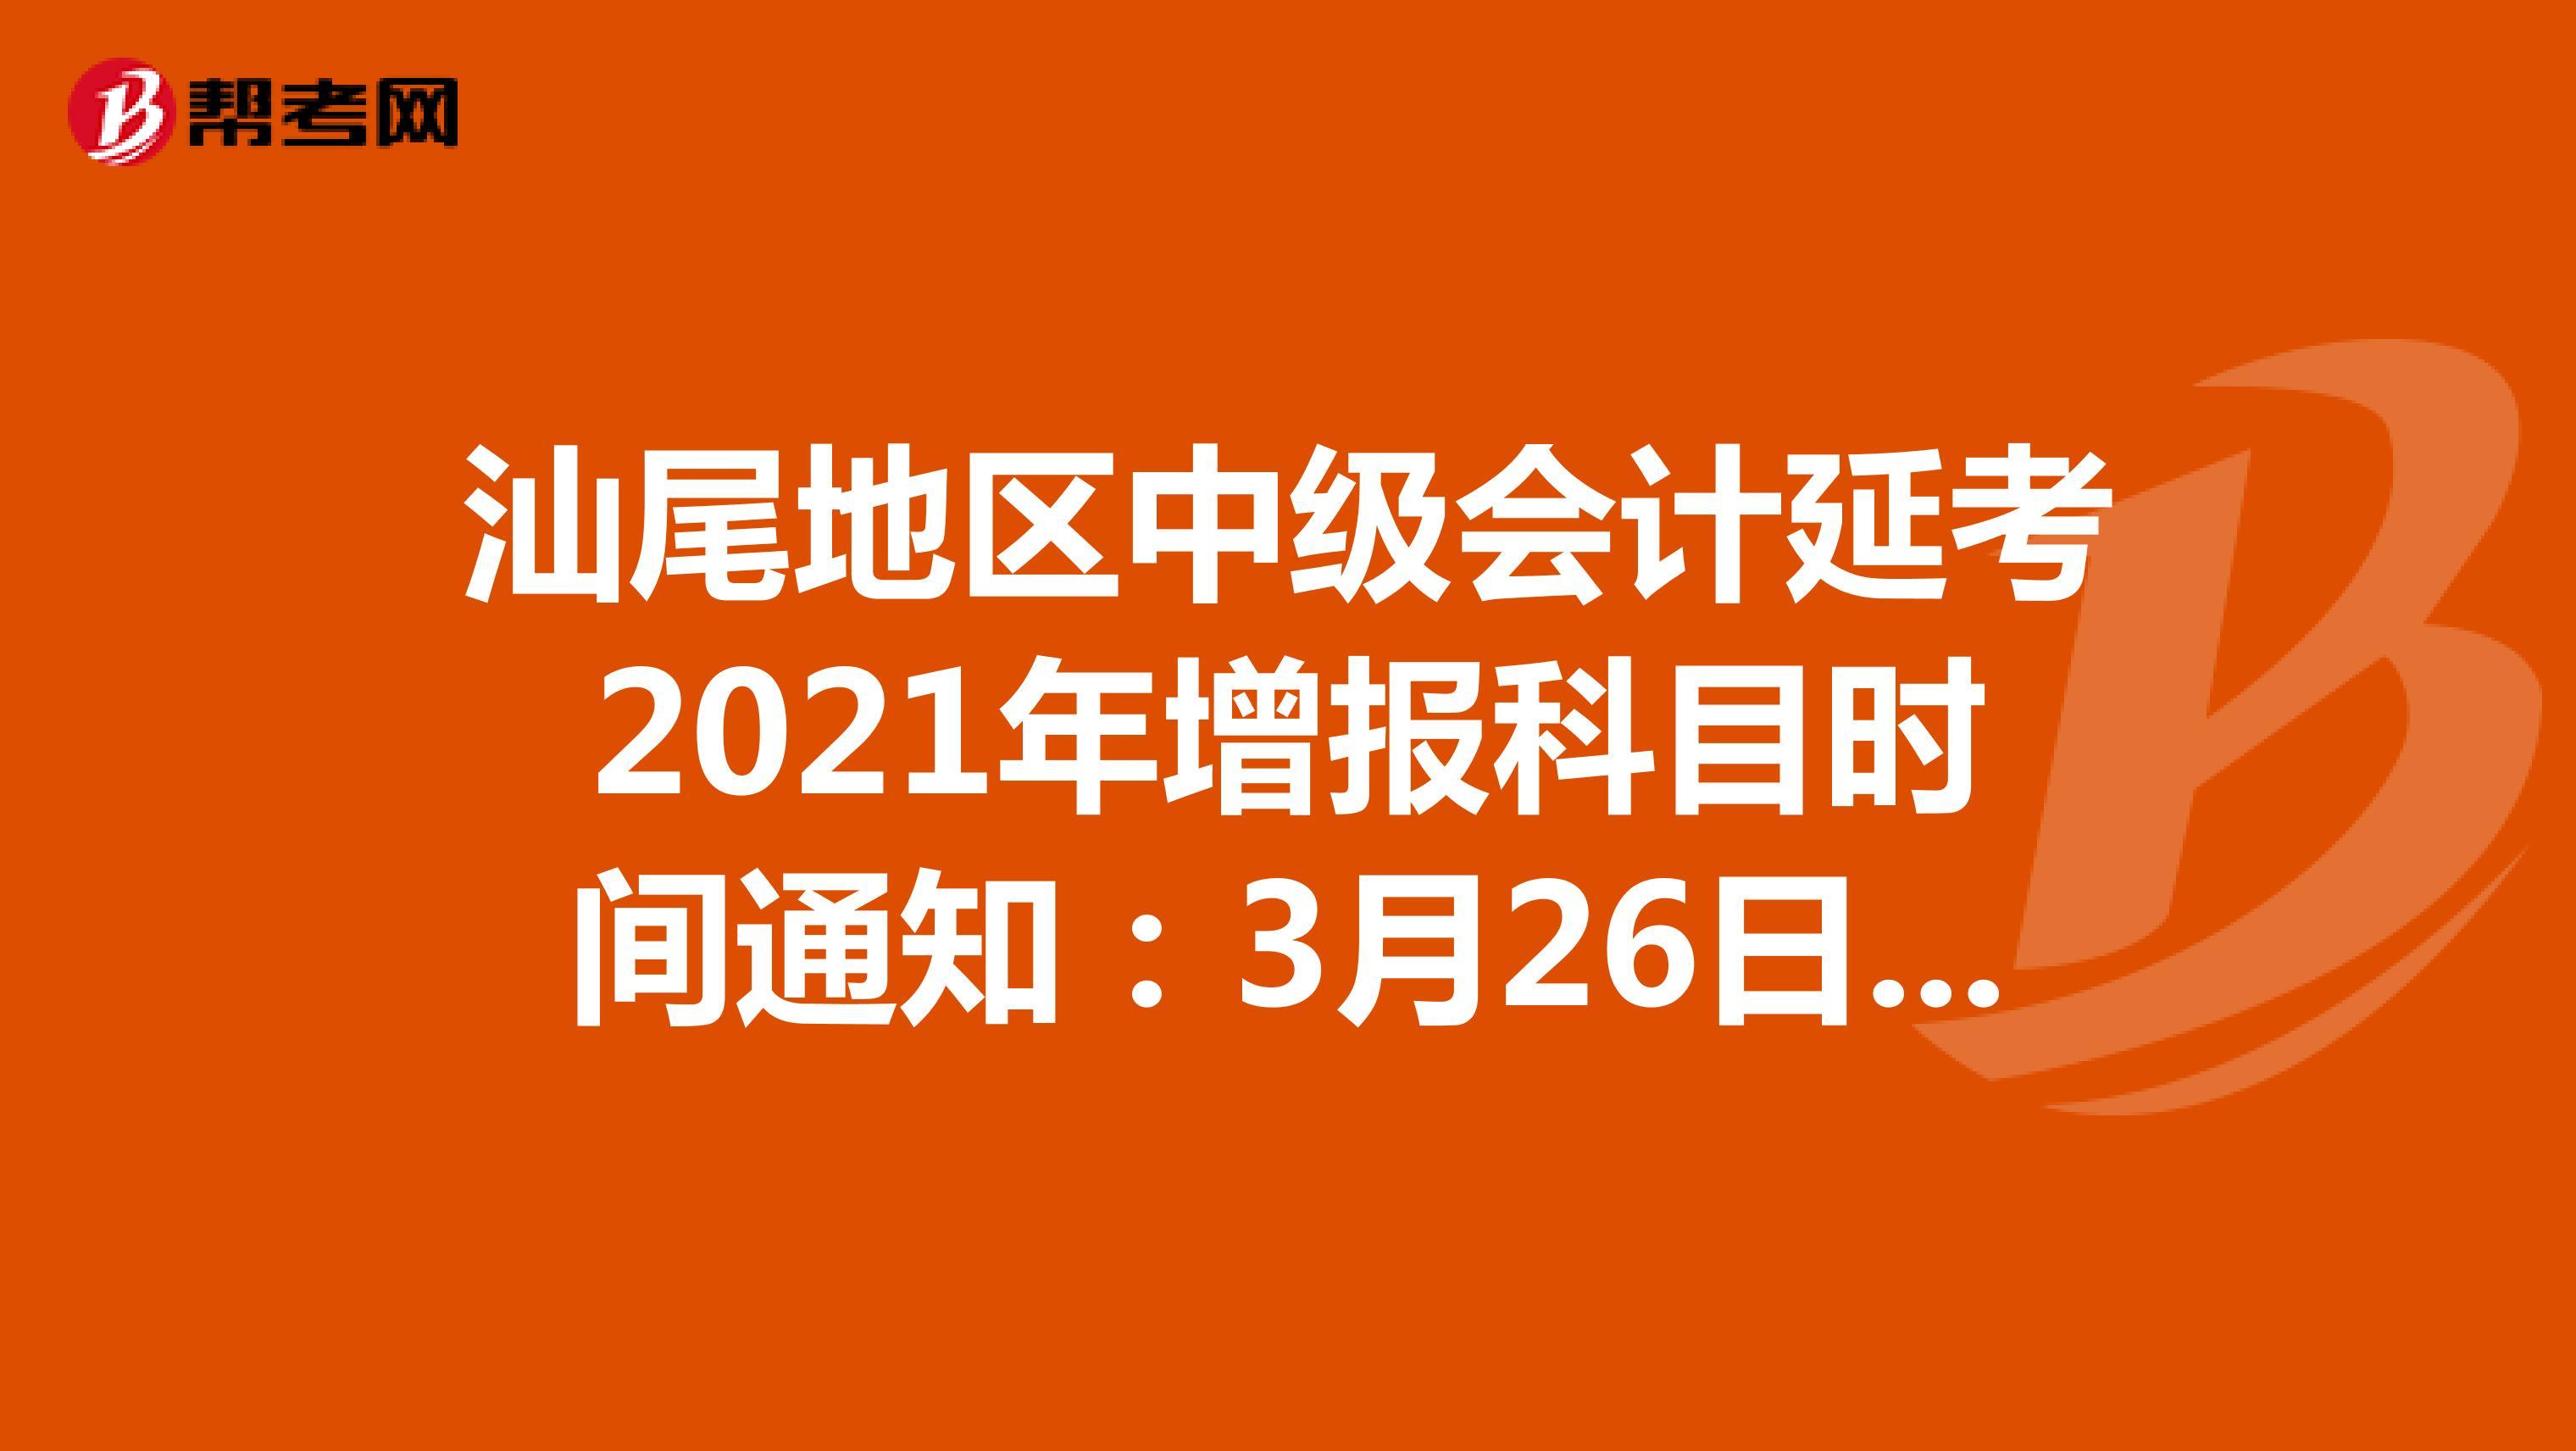 汕尾地区中级会计延考2021年增报科目时间通知:3月26日18:00前